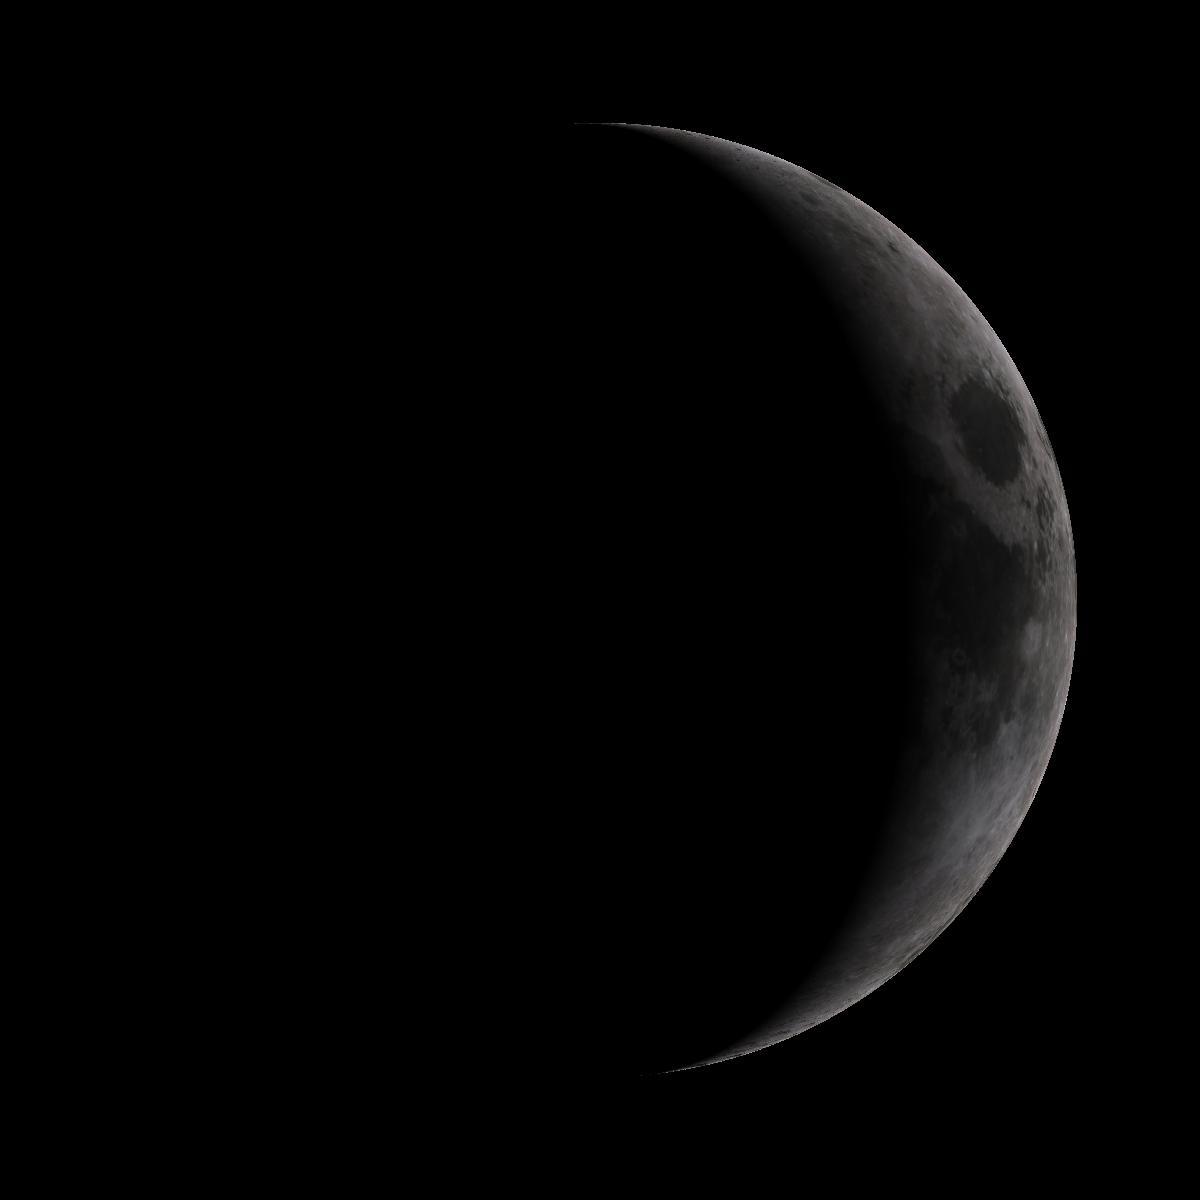 Lune du 9 mai 2019